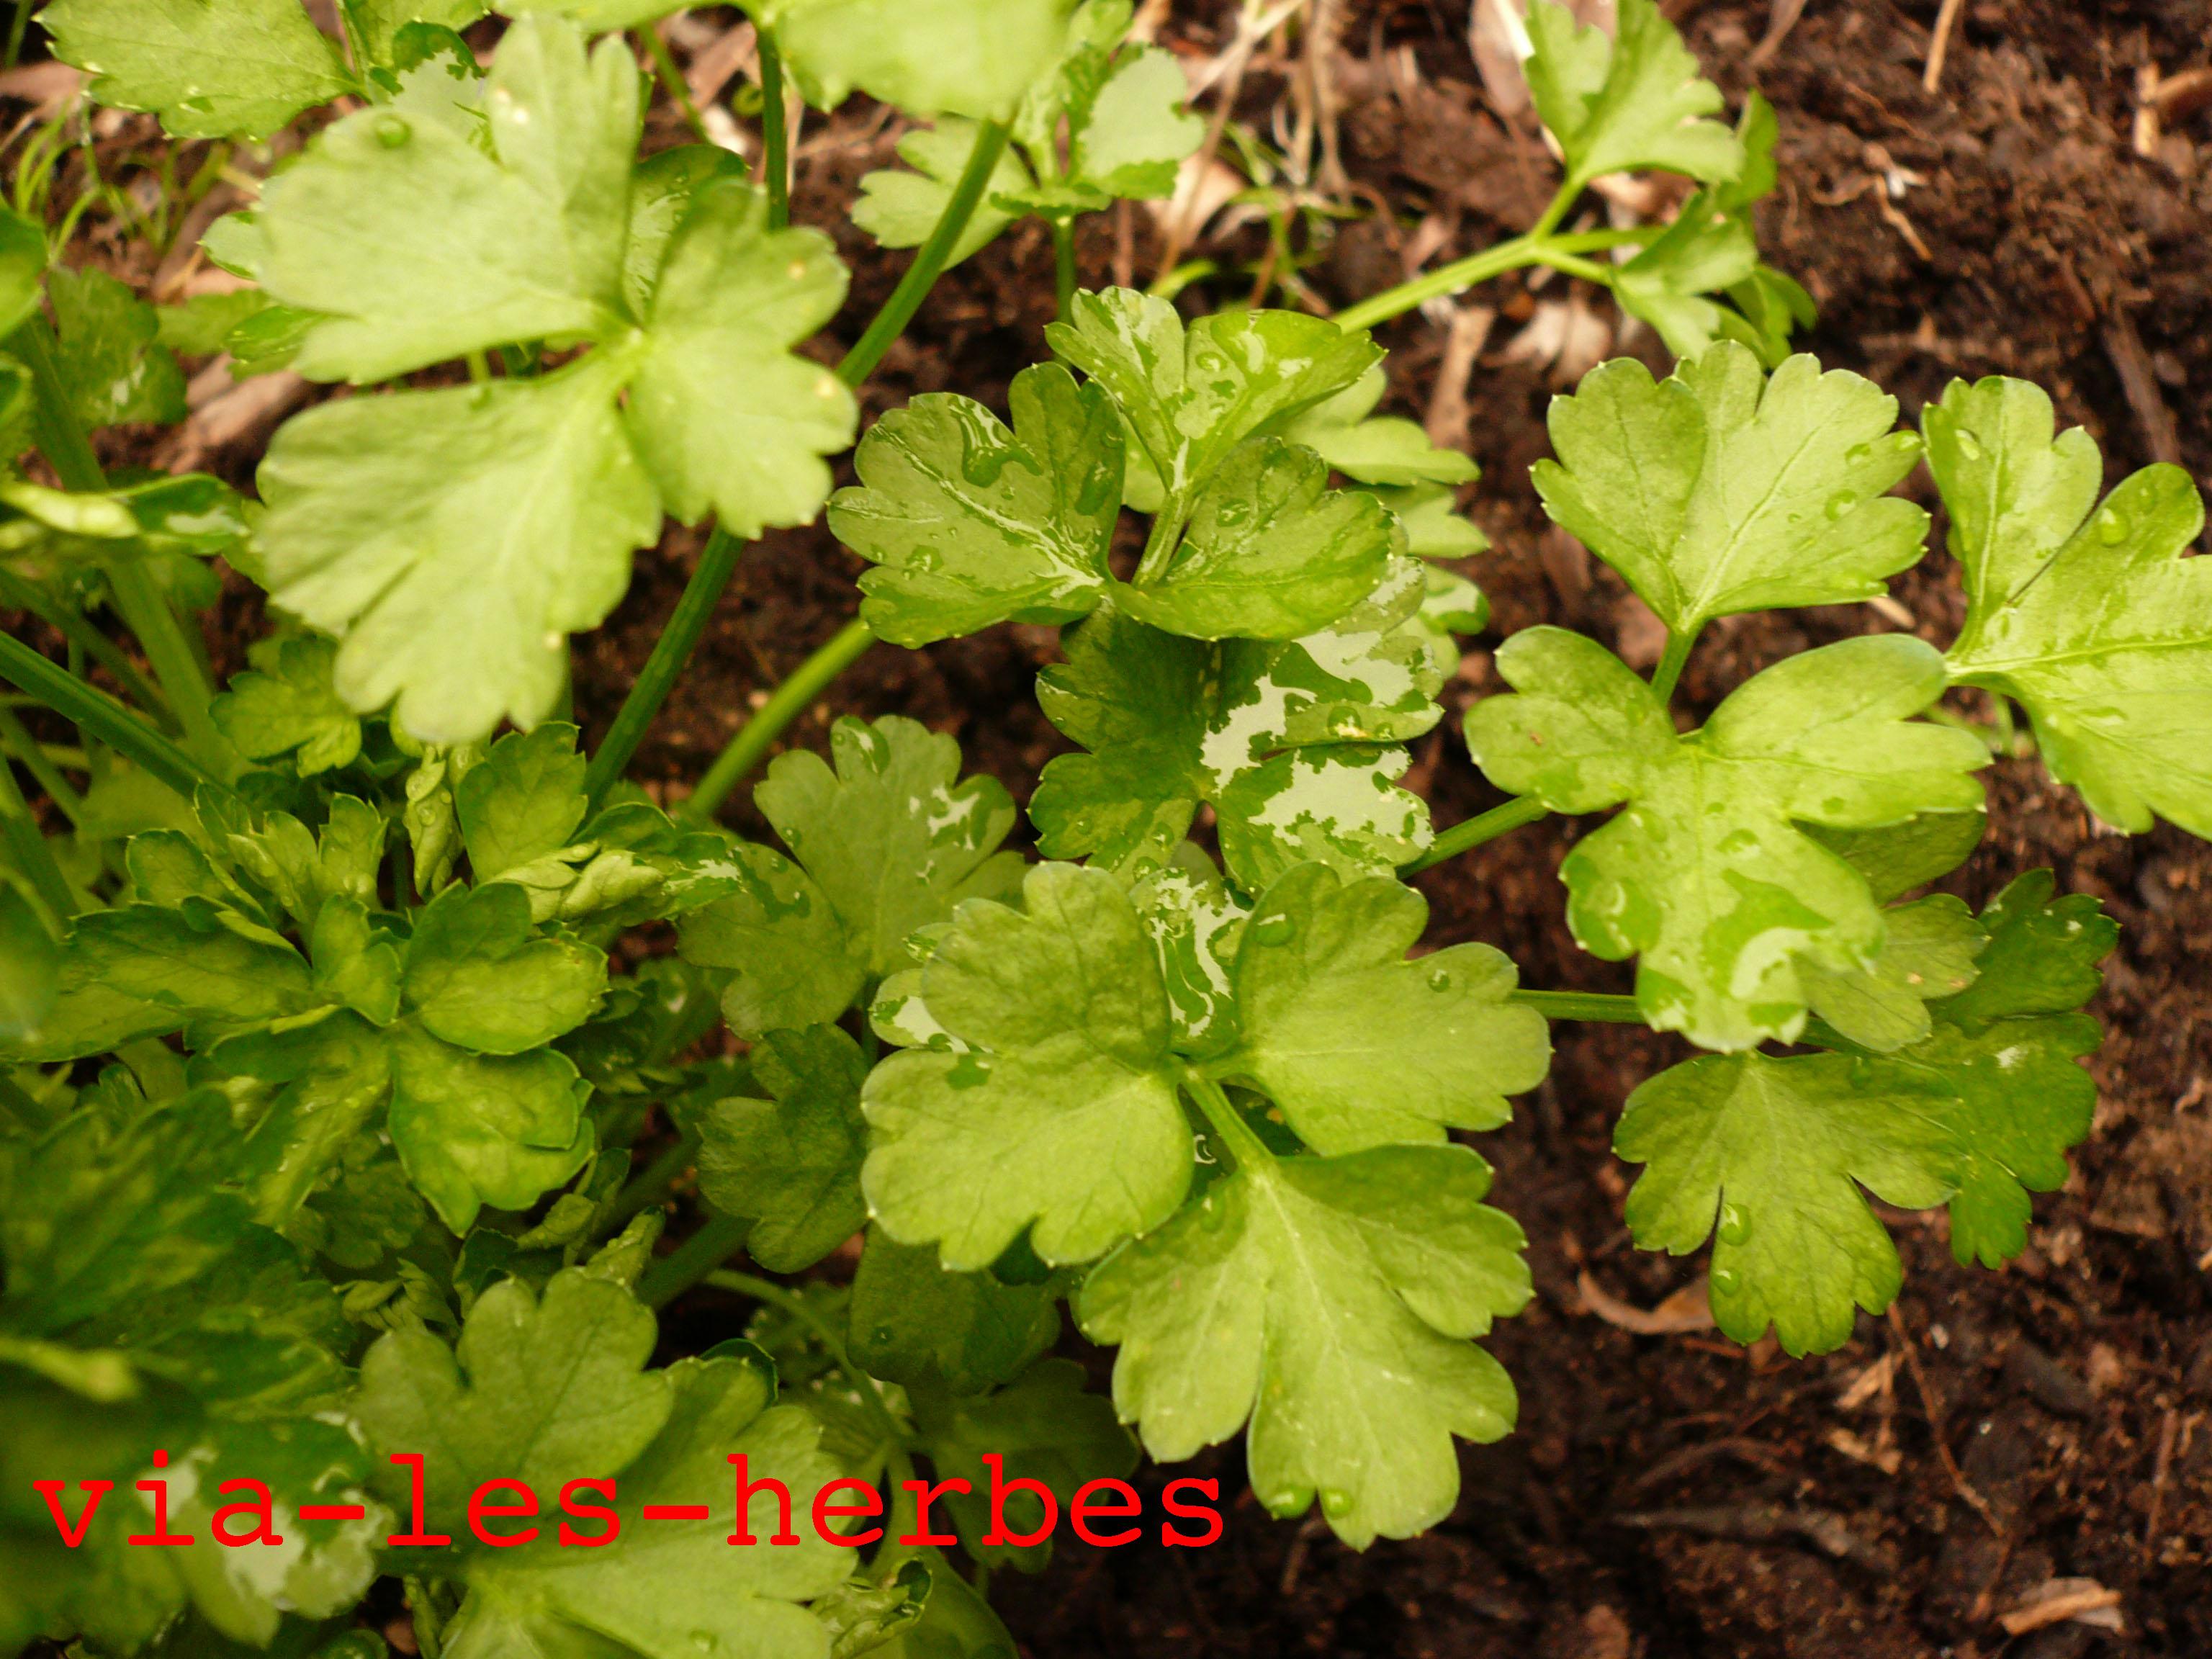 Les plantes de la famille des Apiacées | Via-les-herbes